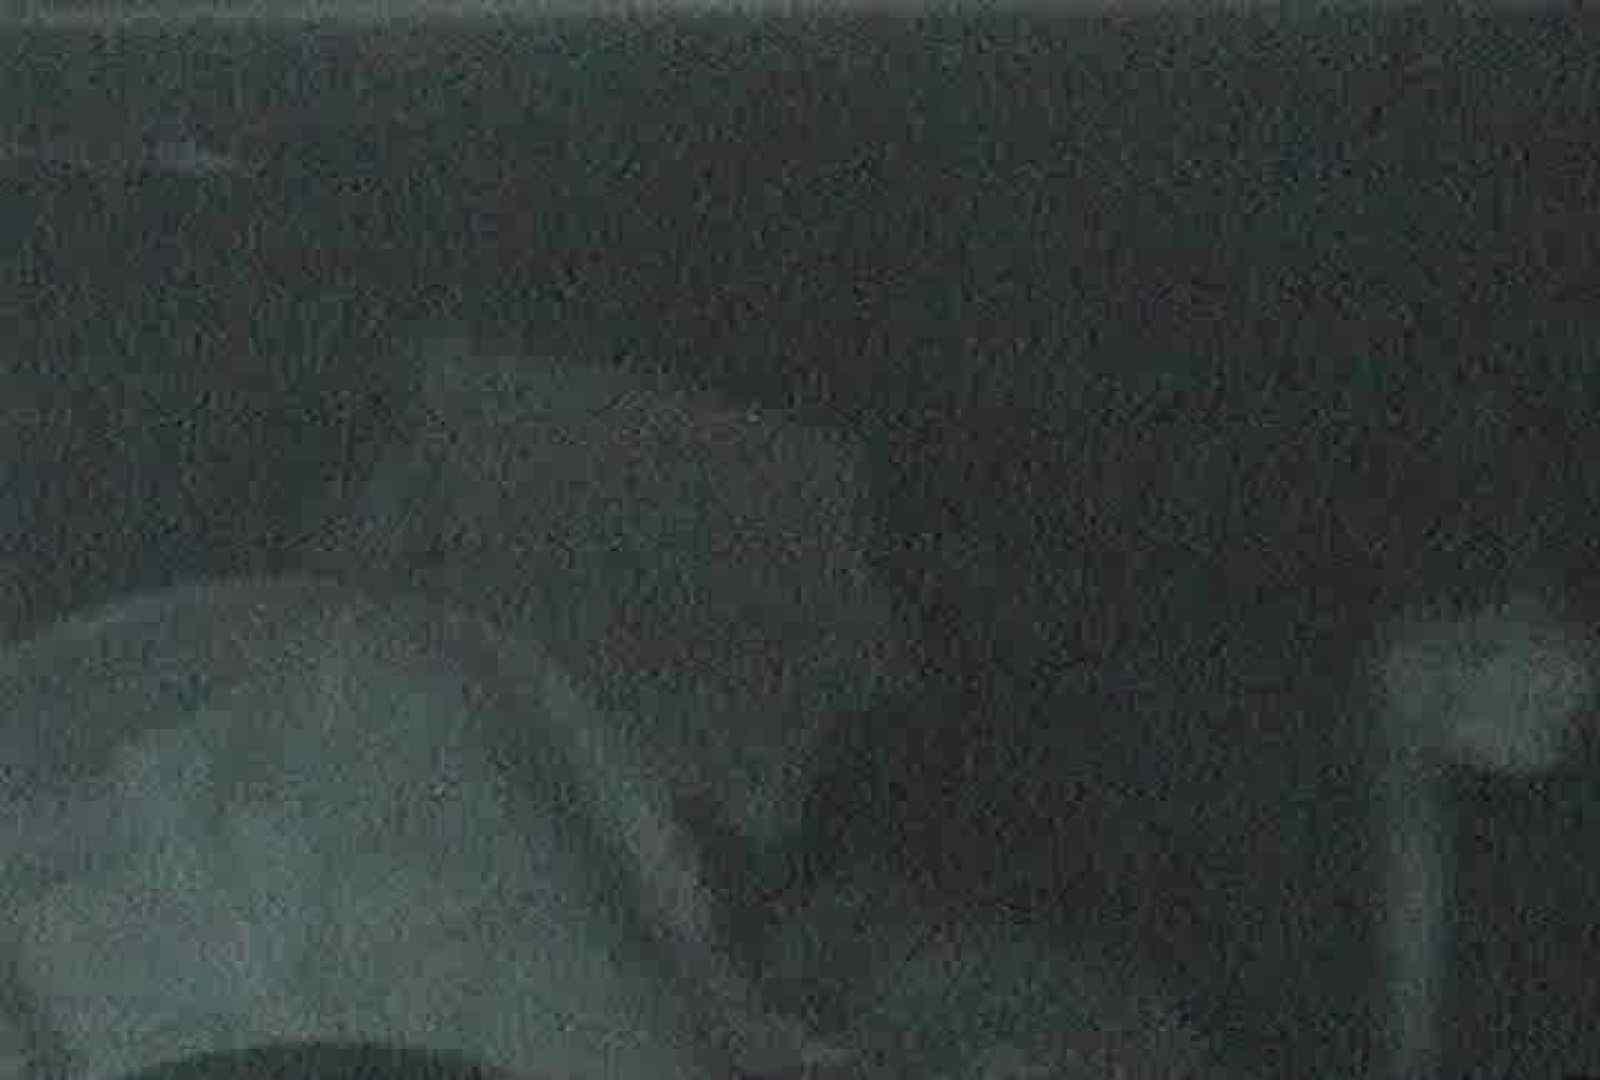 「充血監督」さんの深夜の運動会!! vol.066 OL | ギャル・コレクション  80連発 28